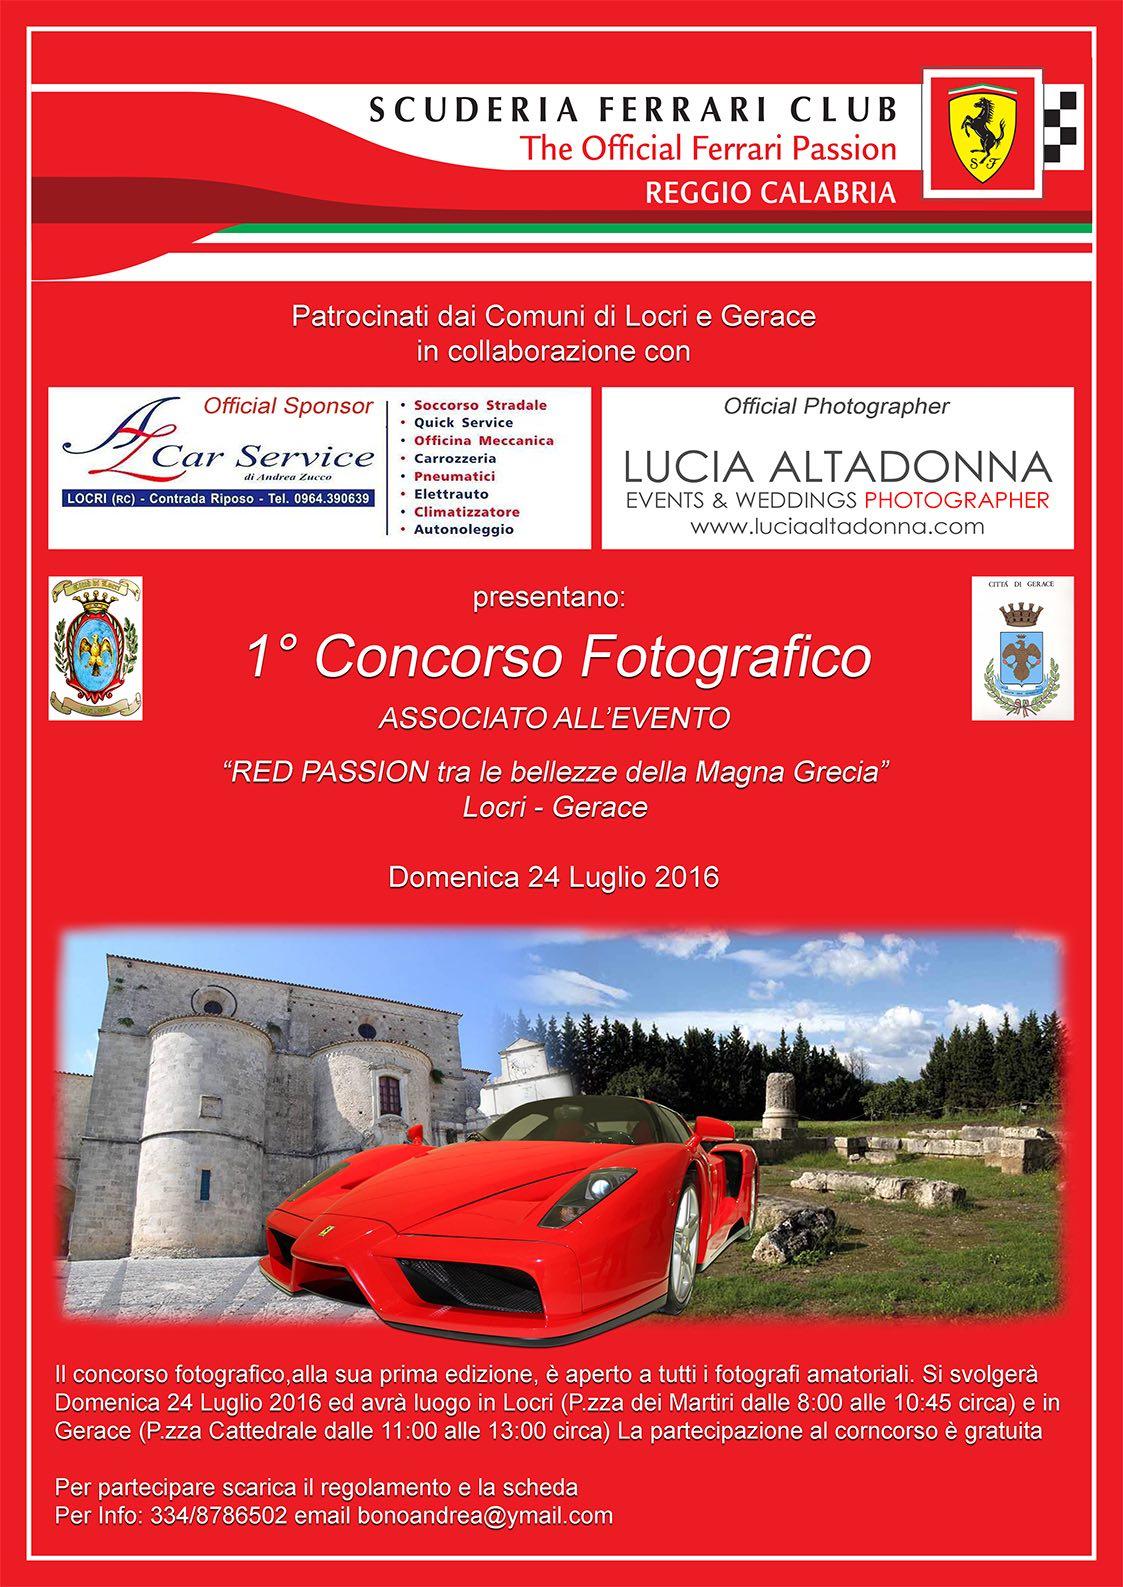 1° CONCORSO FOTOGRAFICO gerace scuderia ferrari club red passion